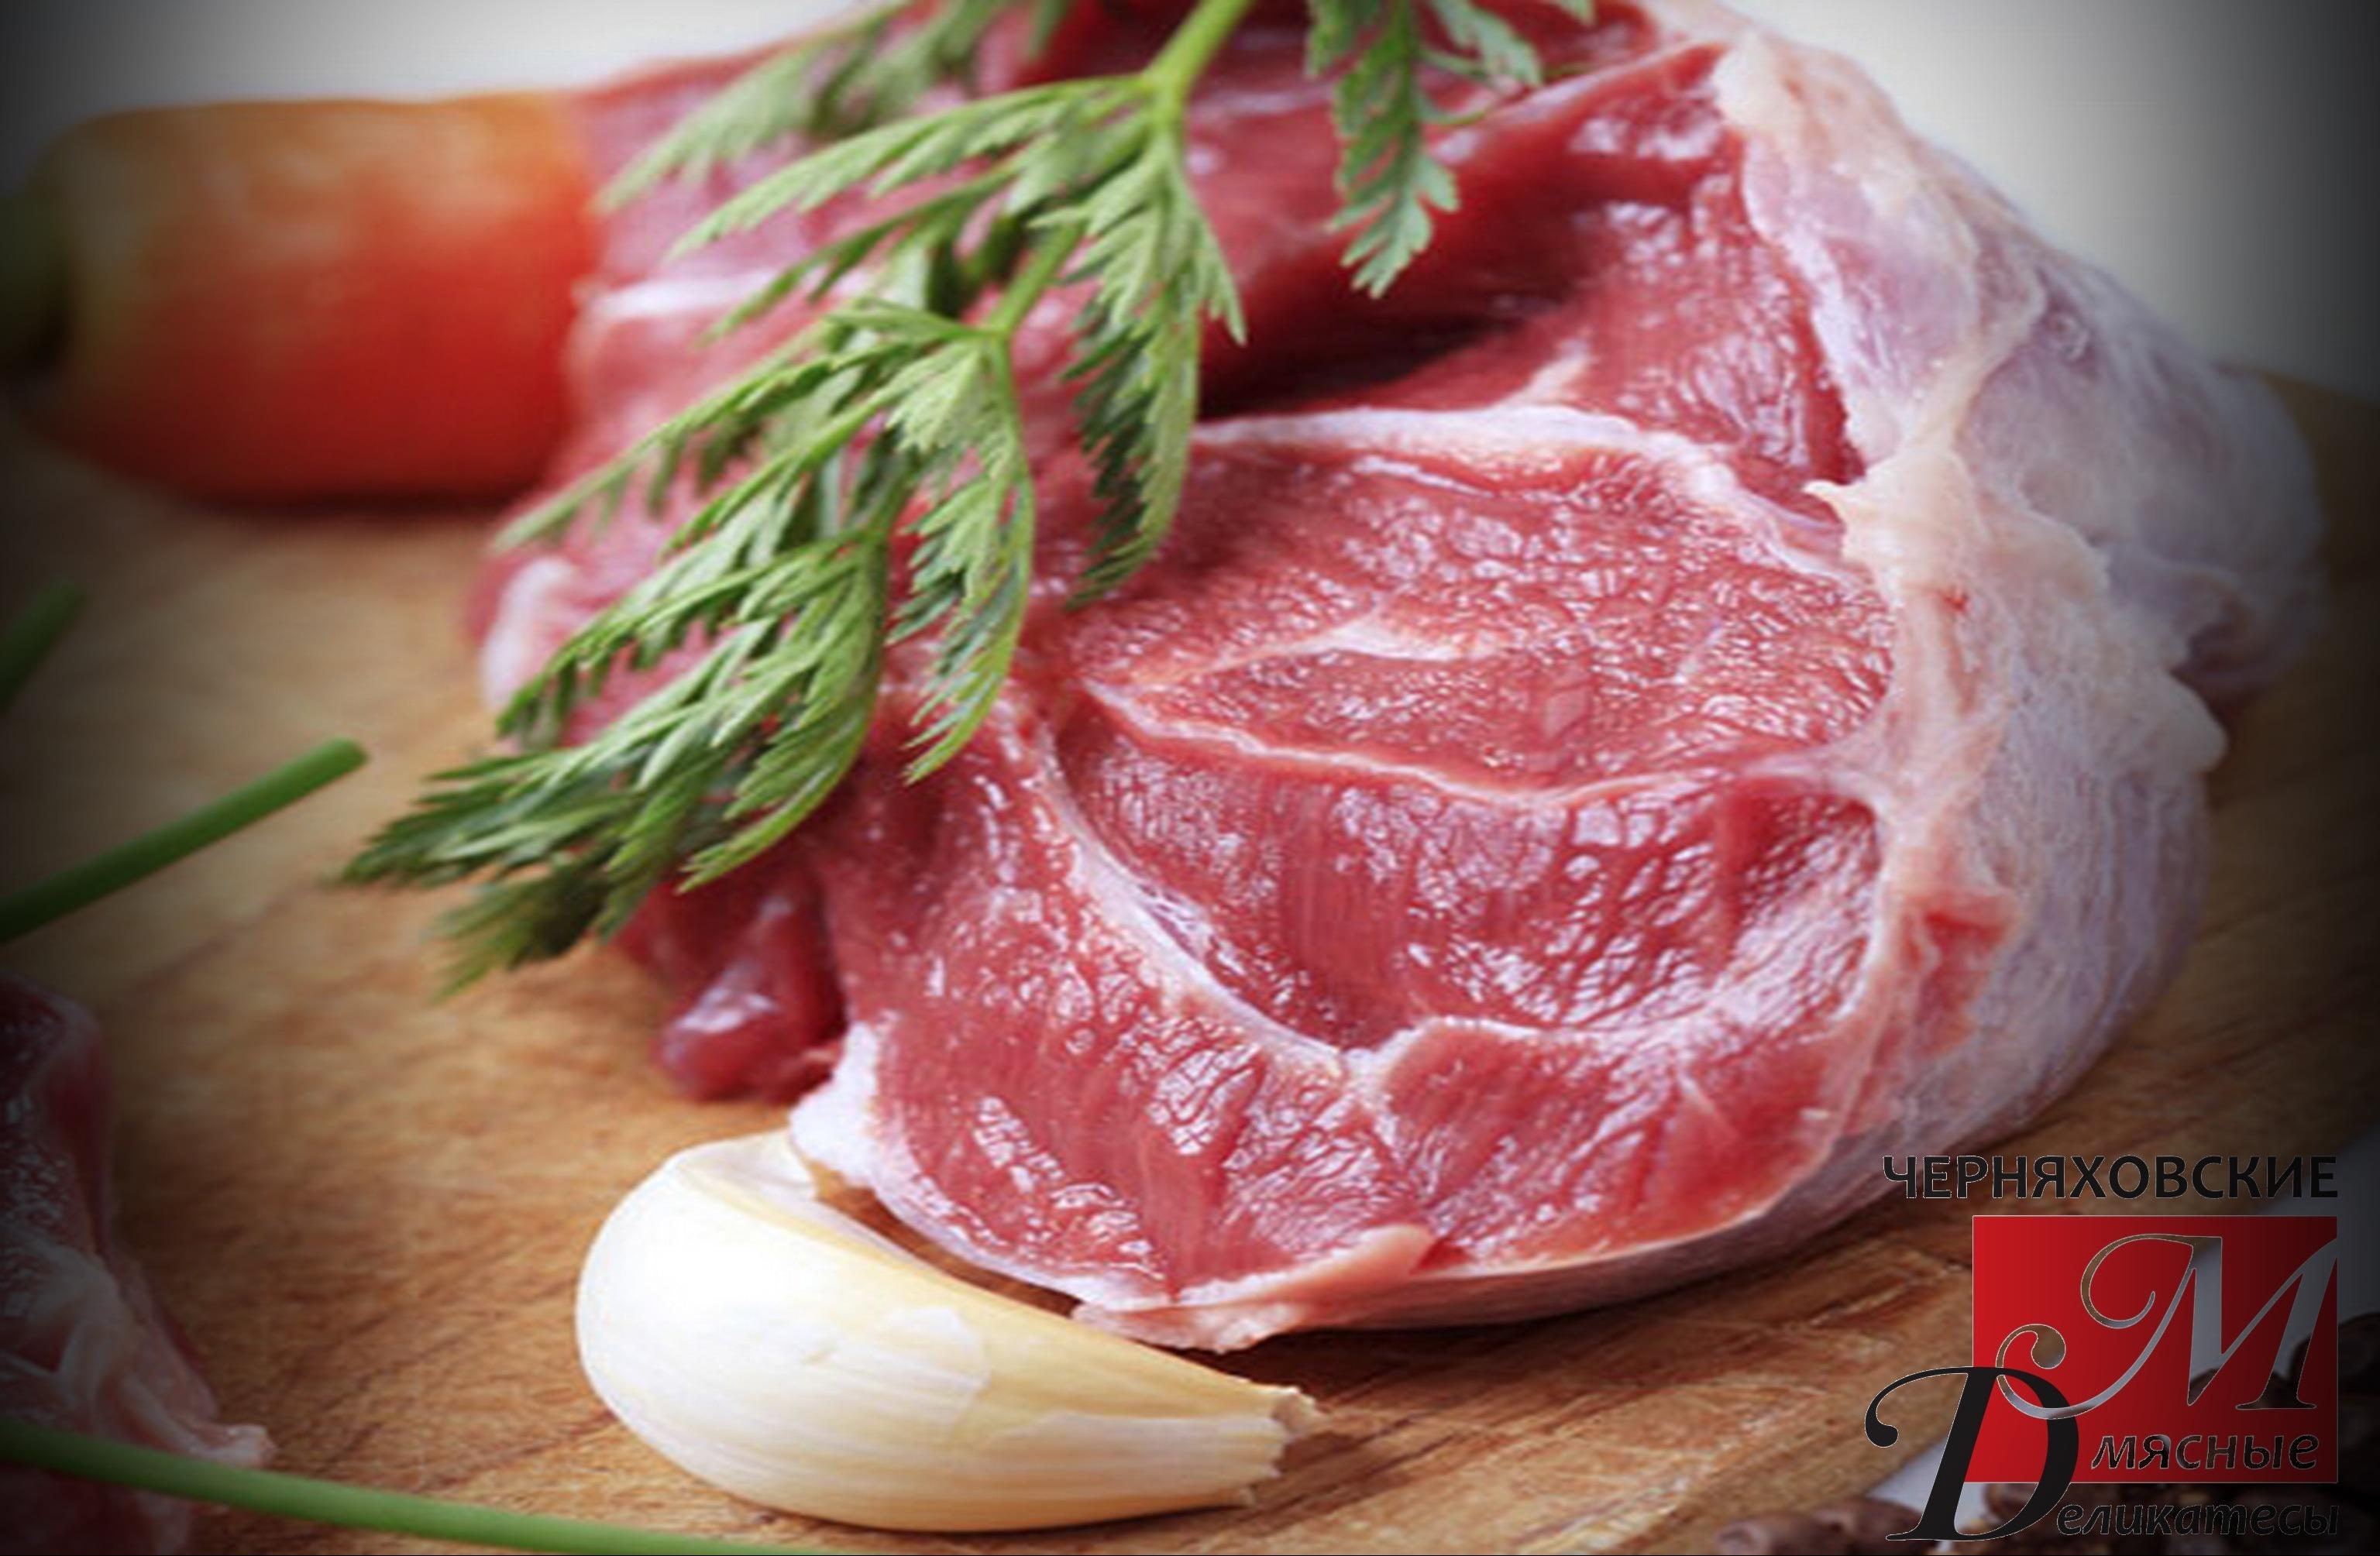 Голень говяжья, свойства.